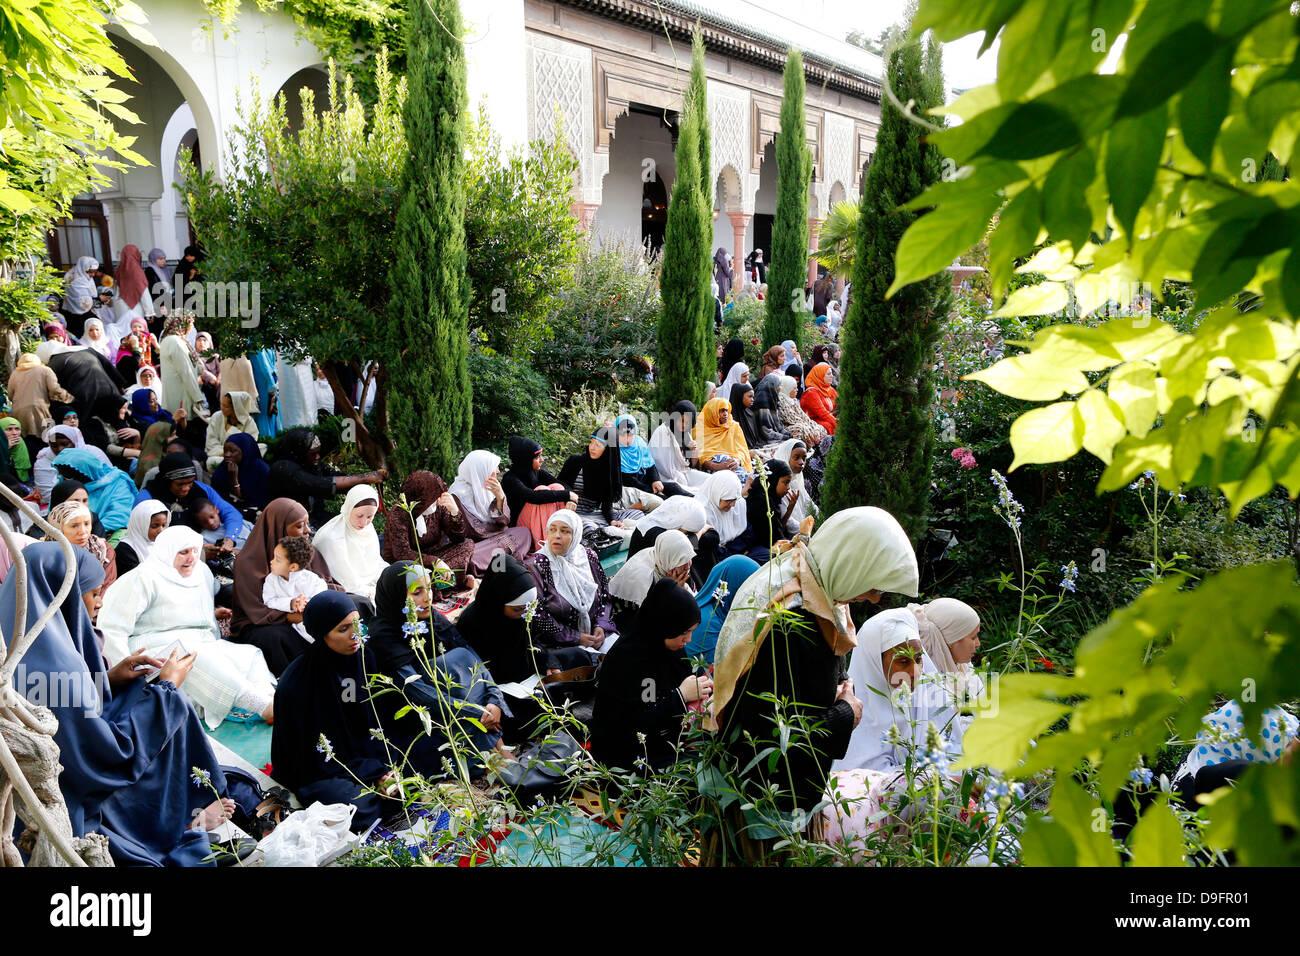 Muslime in die große Moschee von Paris auf Eid al-Fitr Festival, Paris, Frankreich Stockfoto